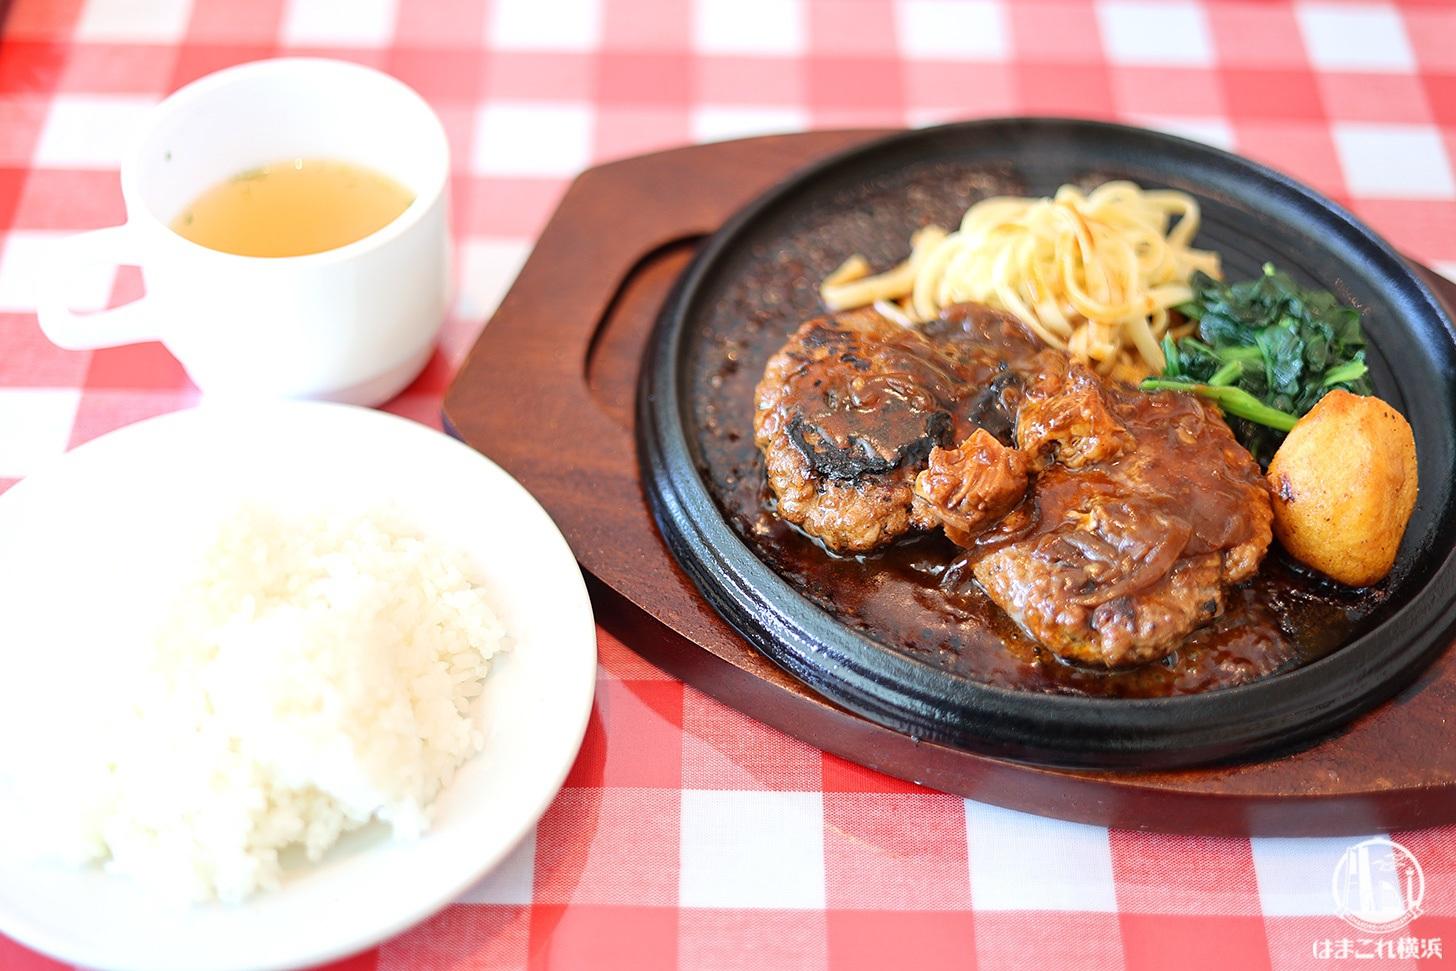 横濱大食堂で鉄板熱々ハンバーグランチ!横浜ランドマークタワーでカジュアル洋食を